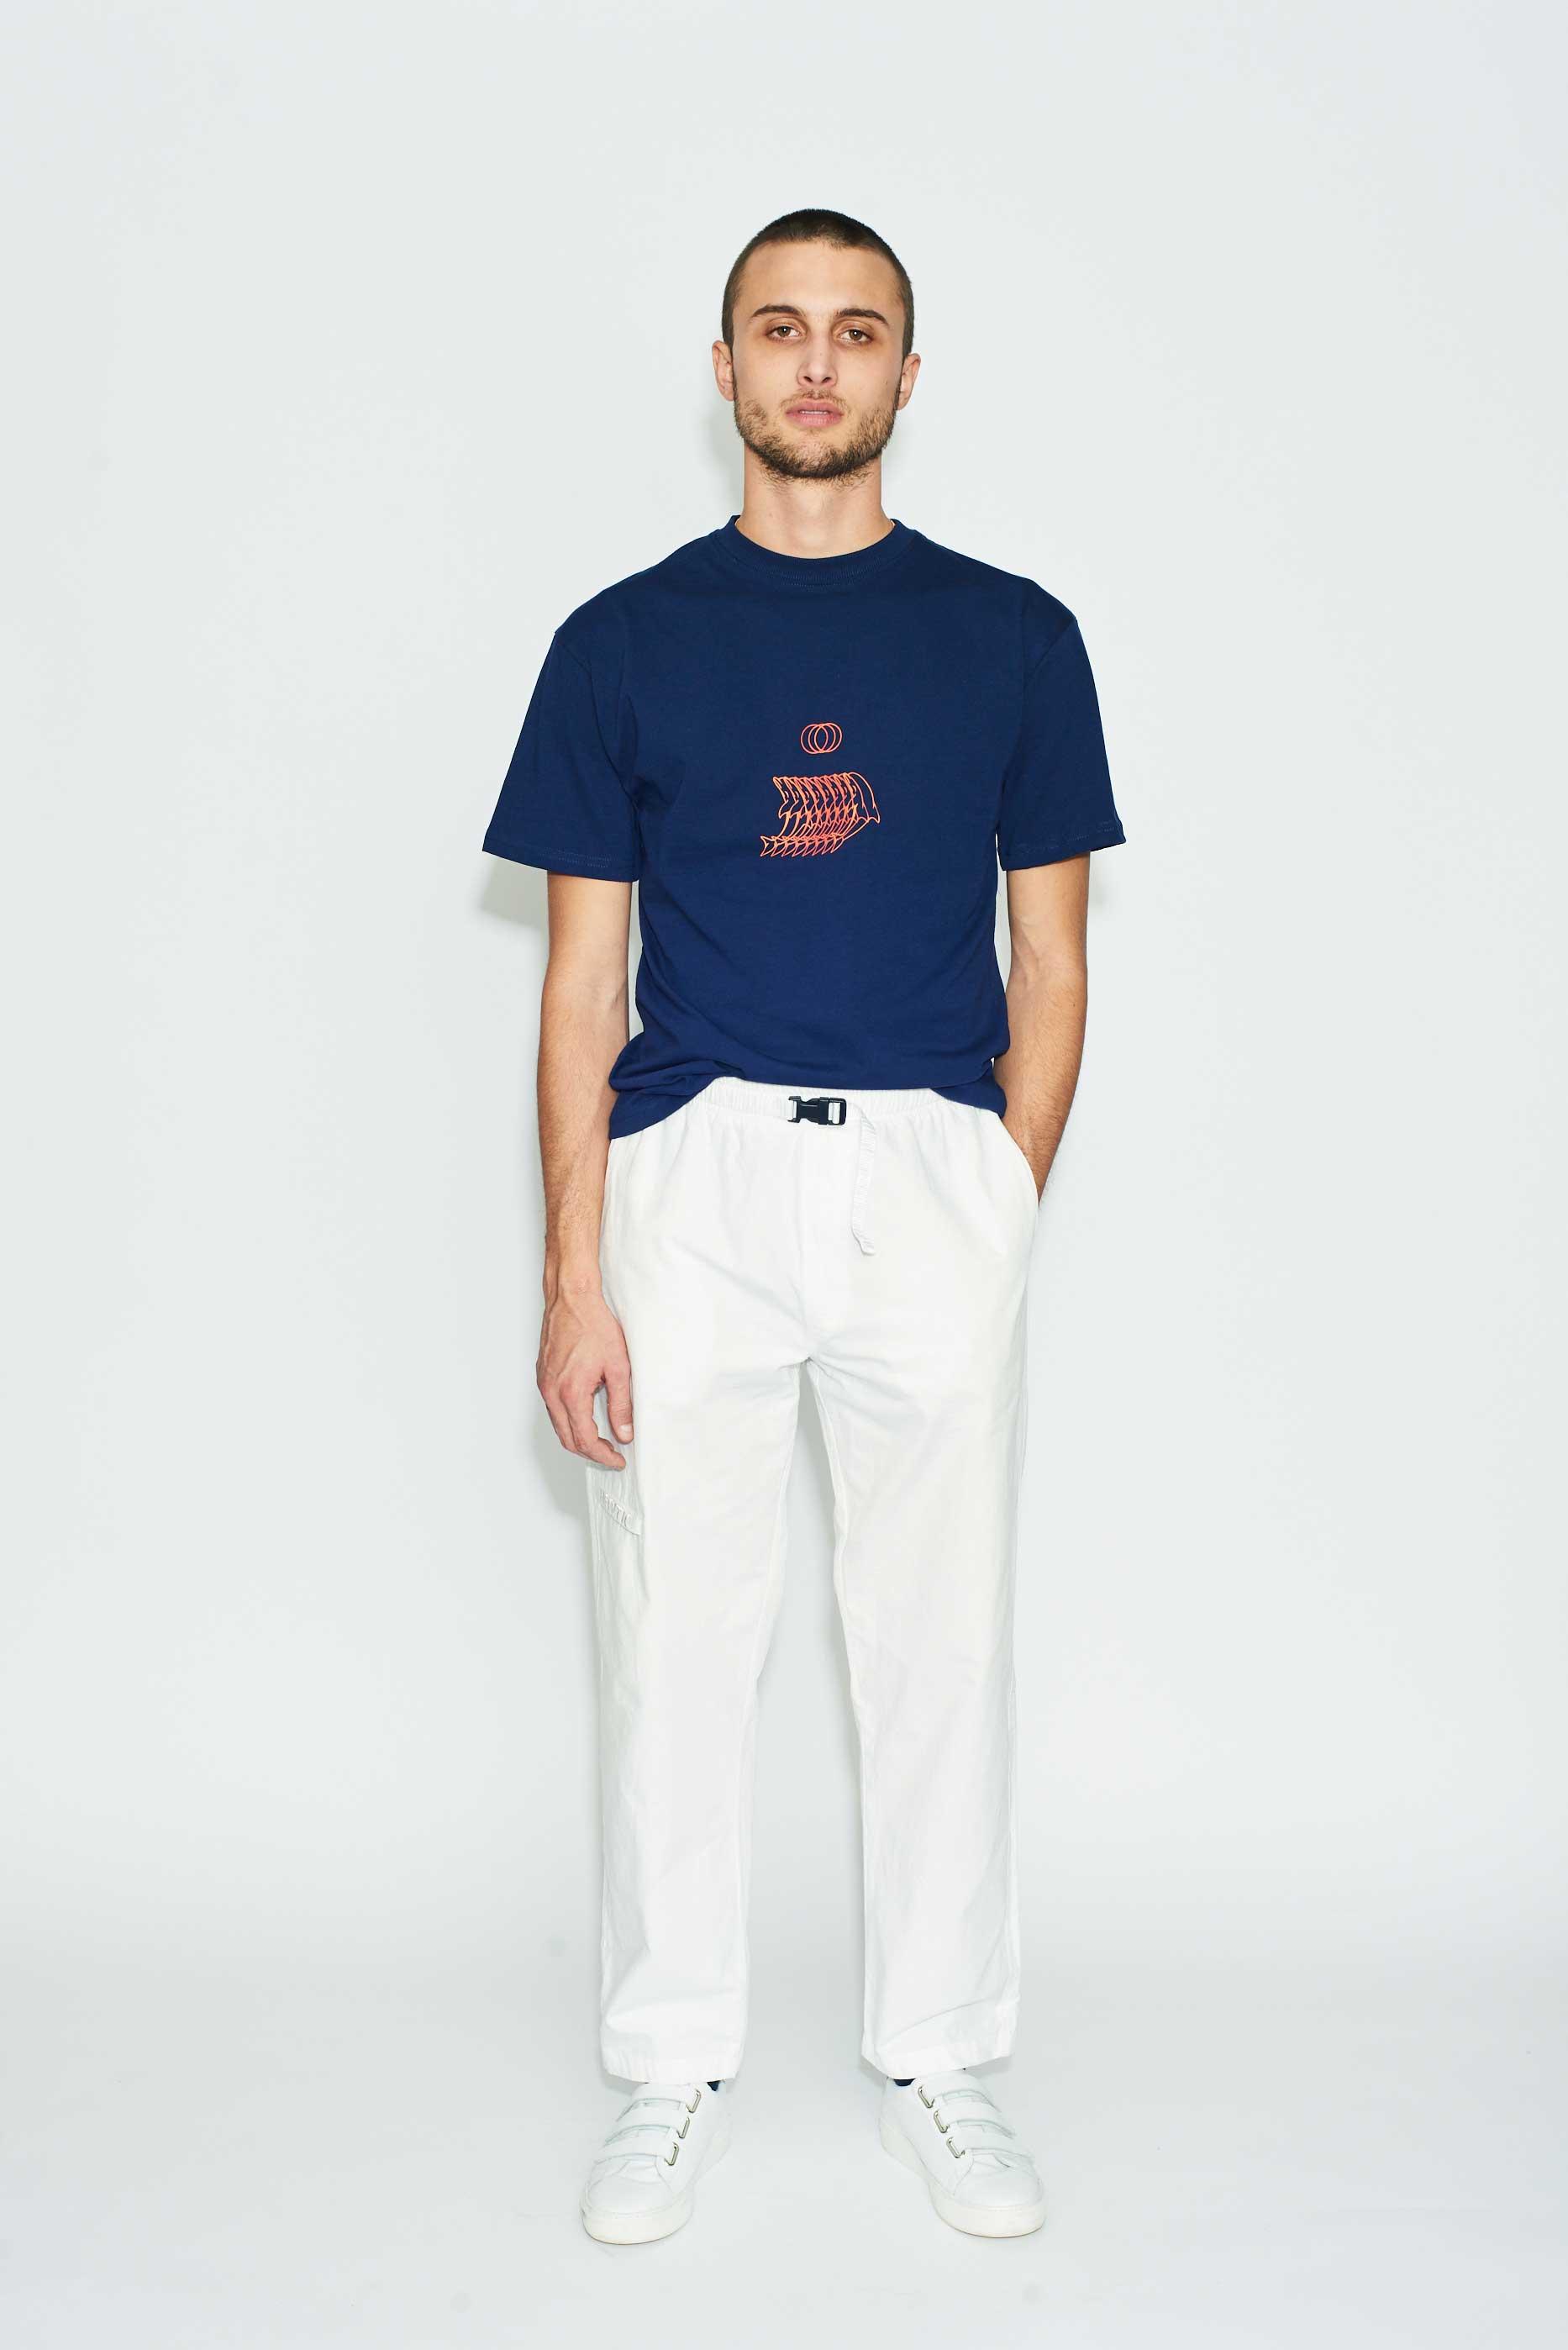 Herotic - Dolphin Pants - White Cream